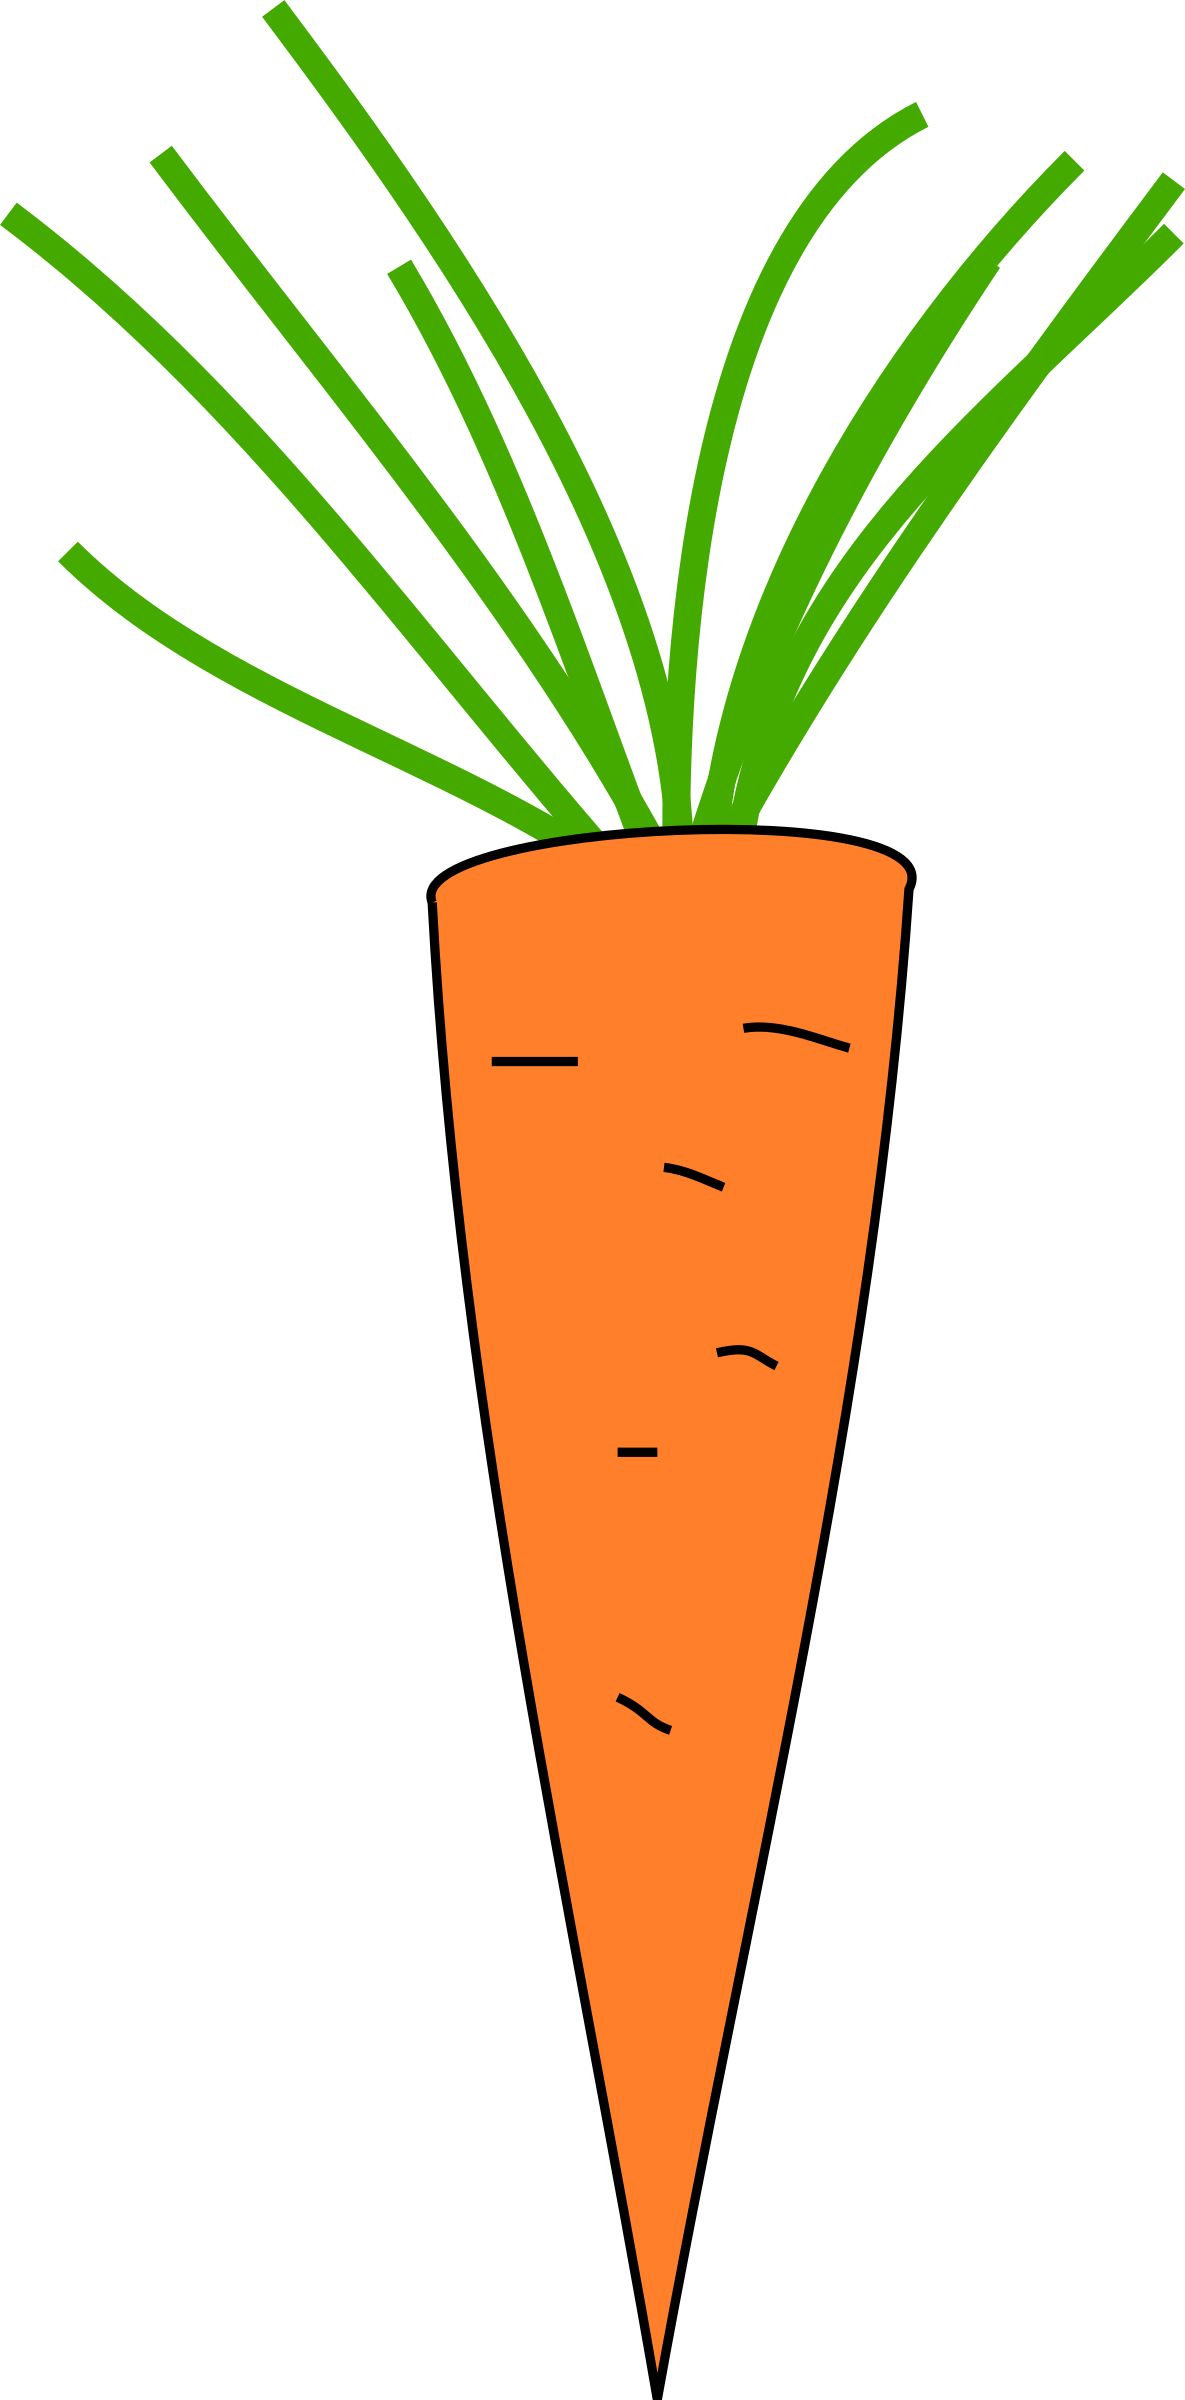 Carrot clipart big Clipart Carrot Carrot